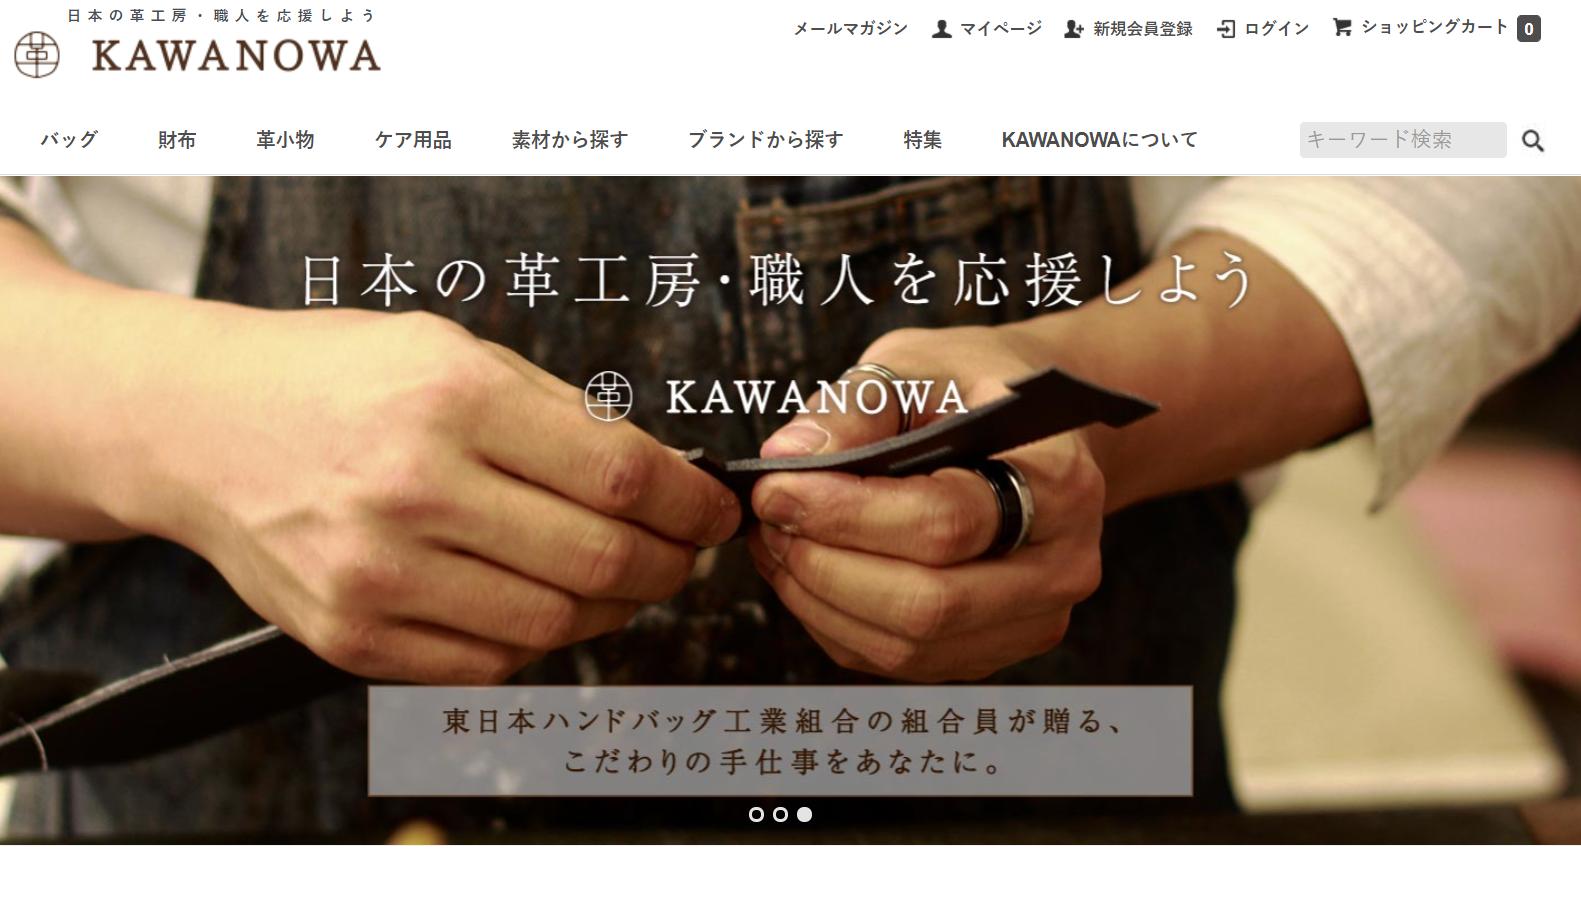 ブランド 日本 革